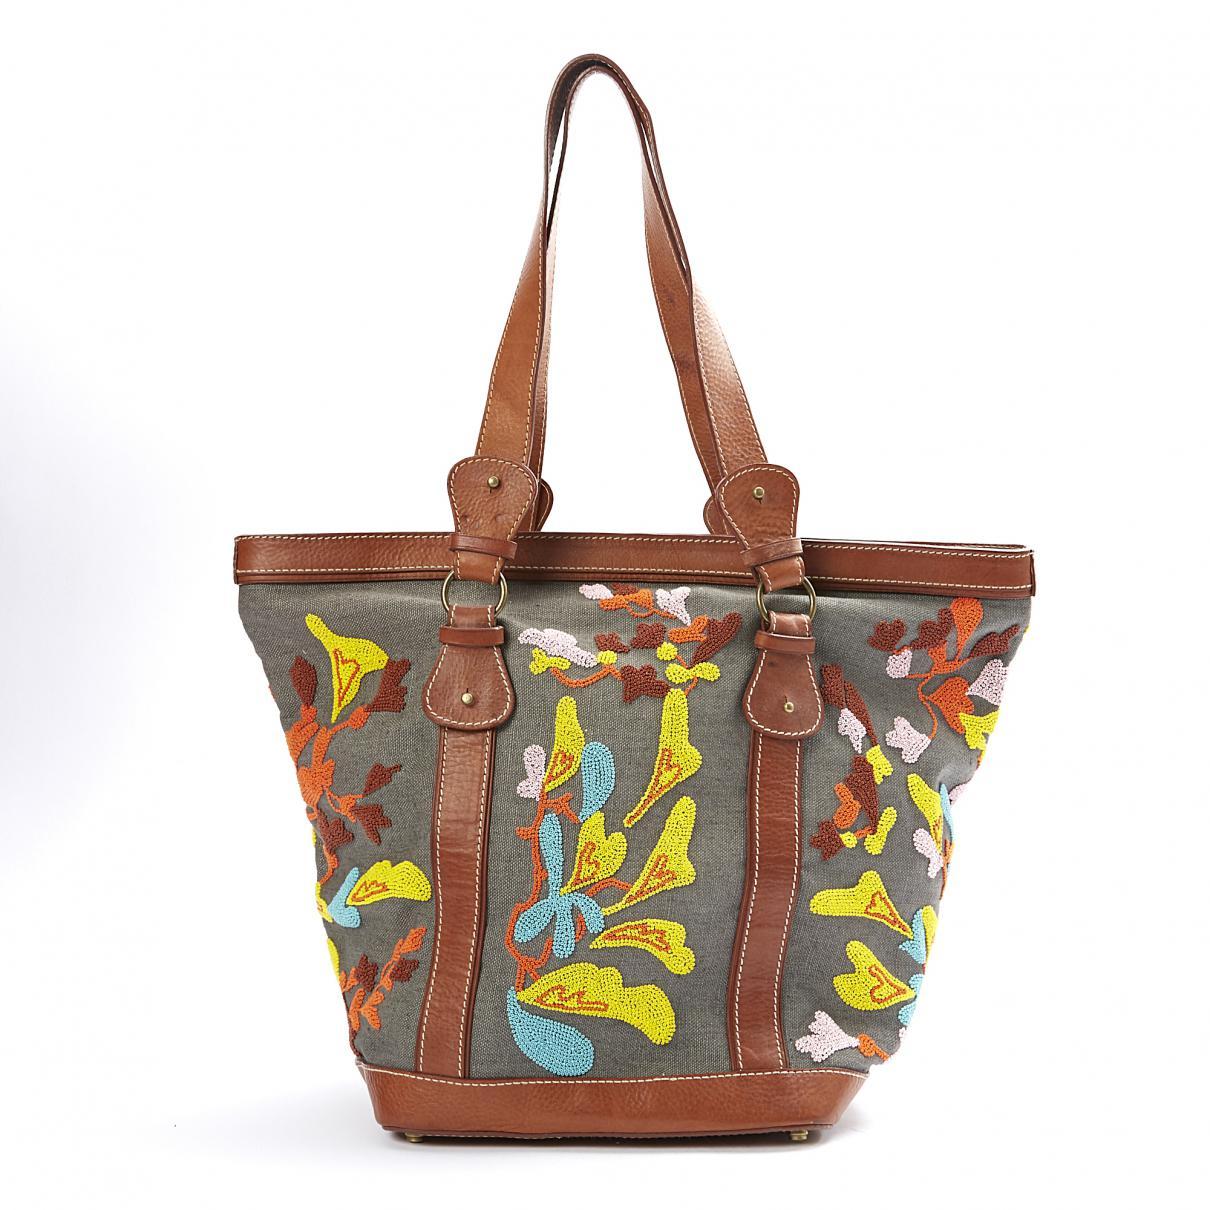 Pre-owned - Shoulder bag Missoni vfhxgf